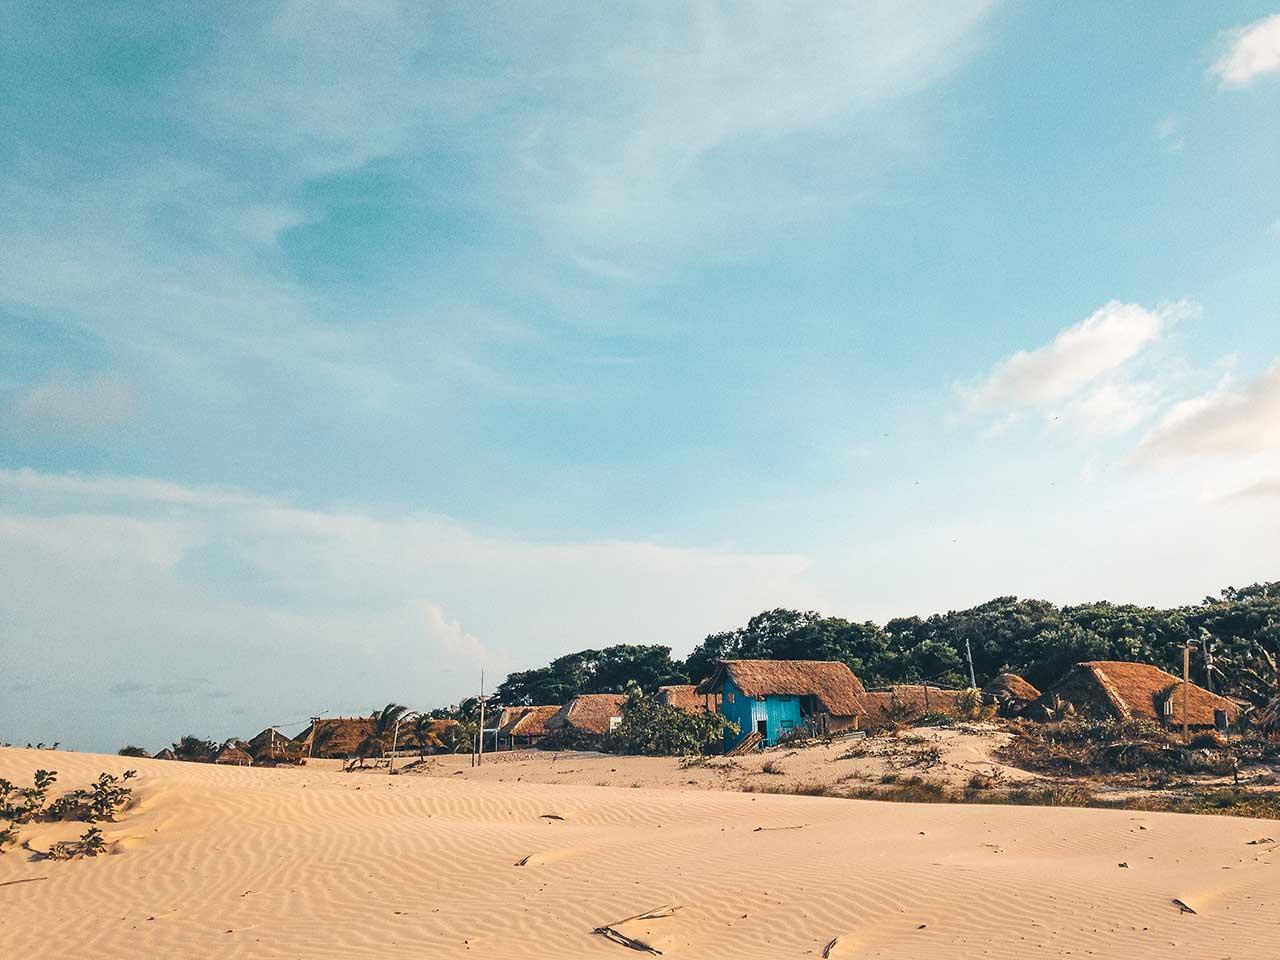 Extensa faixa de areia da praia do pesqueiro